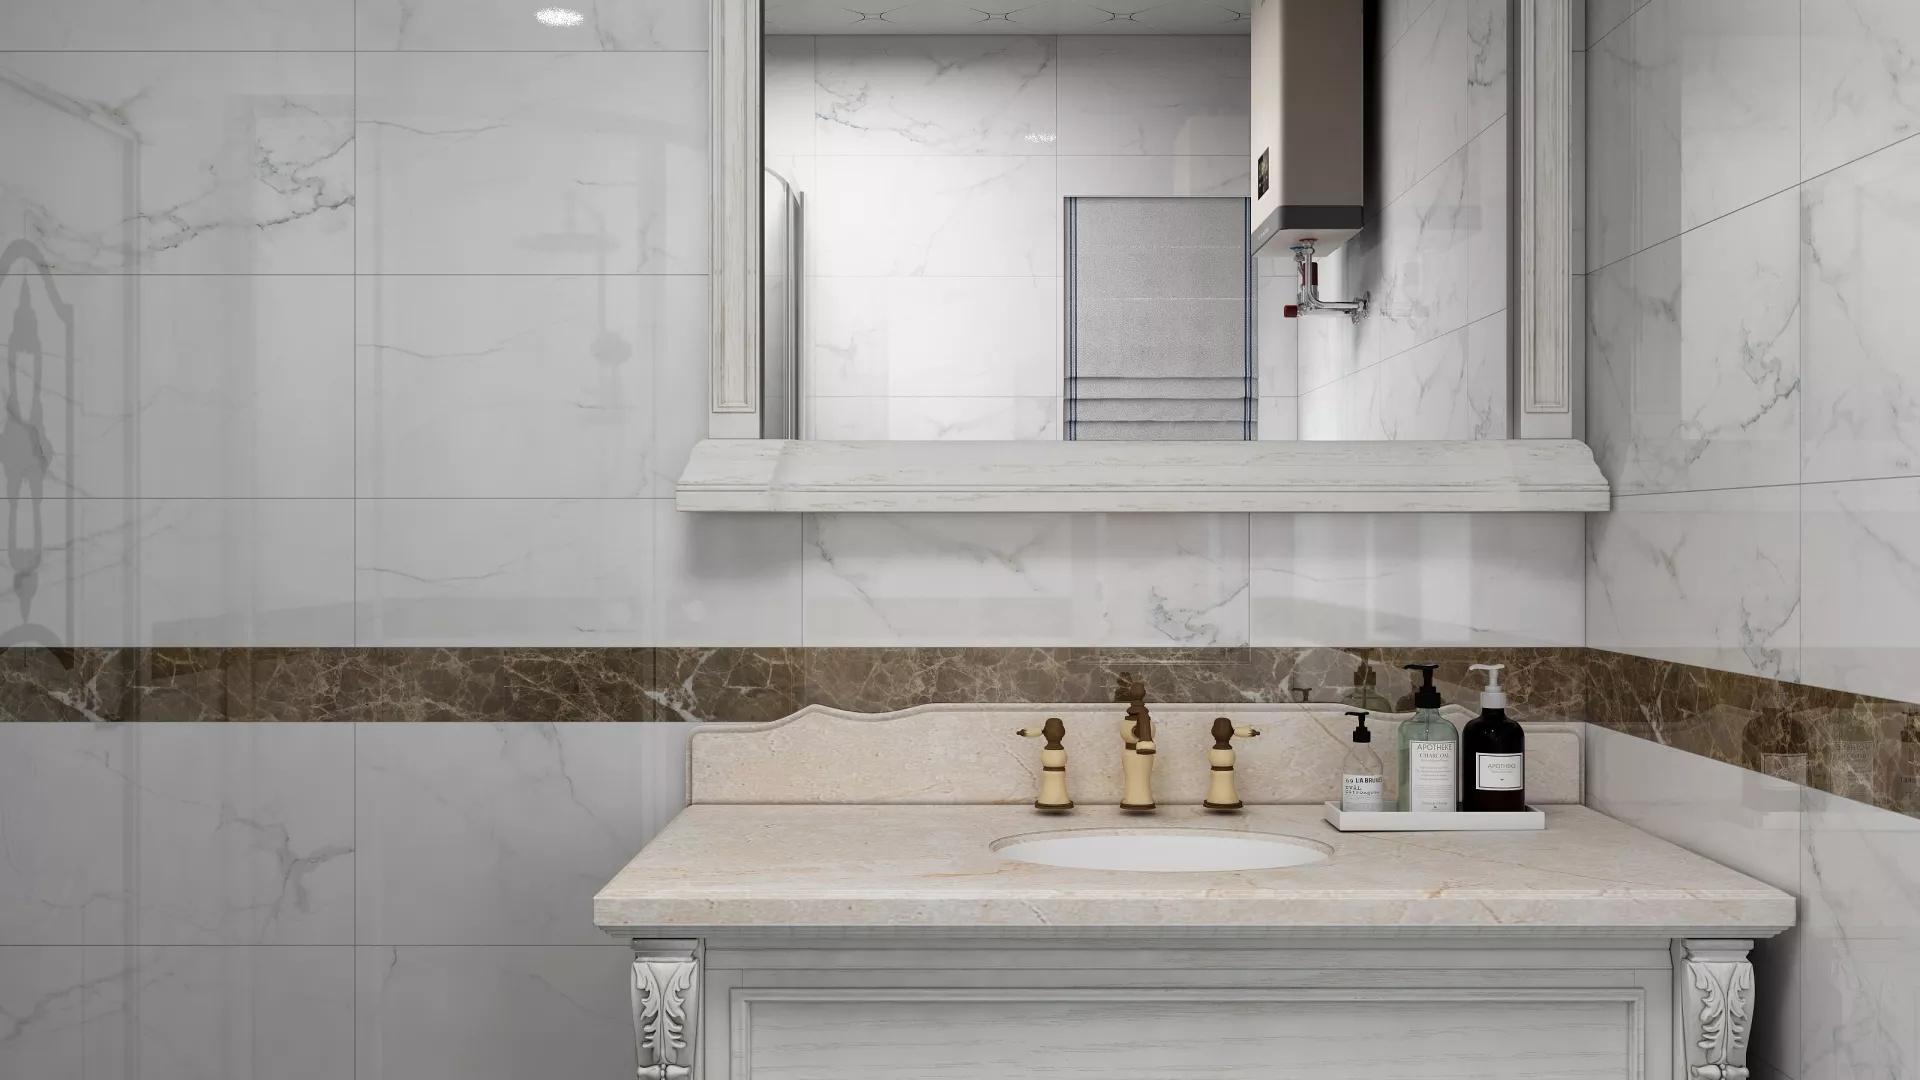 富兰克浴室柜好吗 富兰克浴室柜优点有哪些